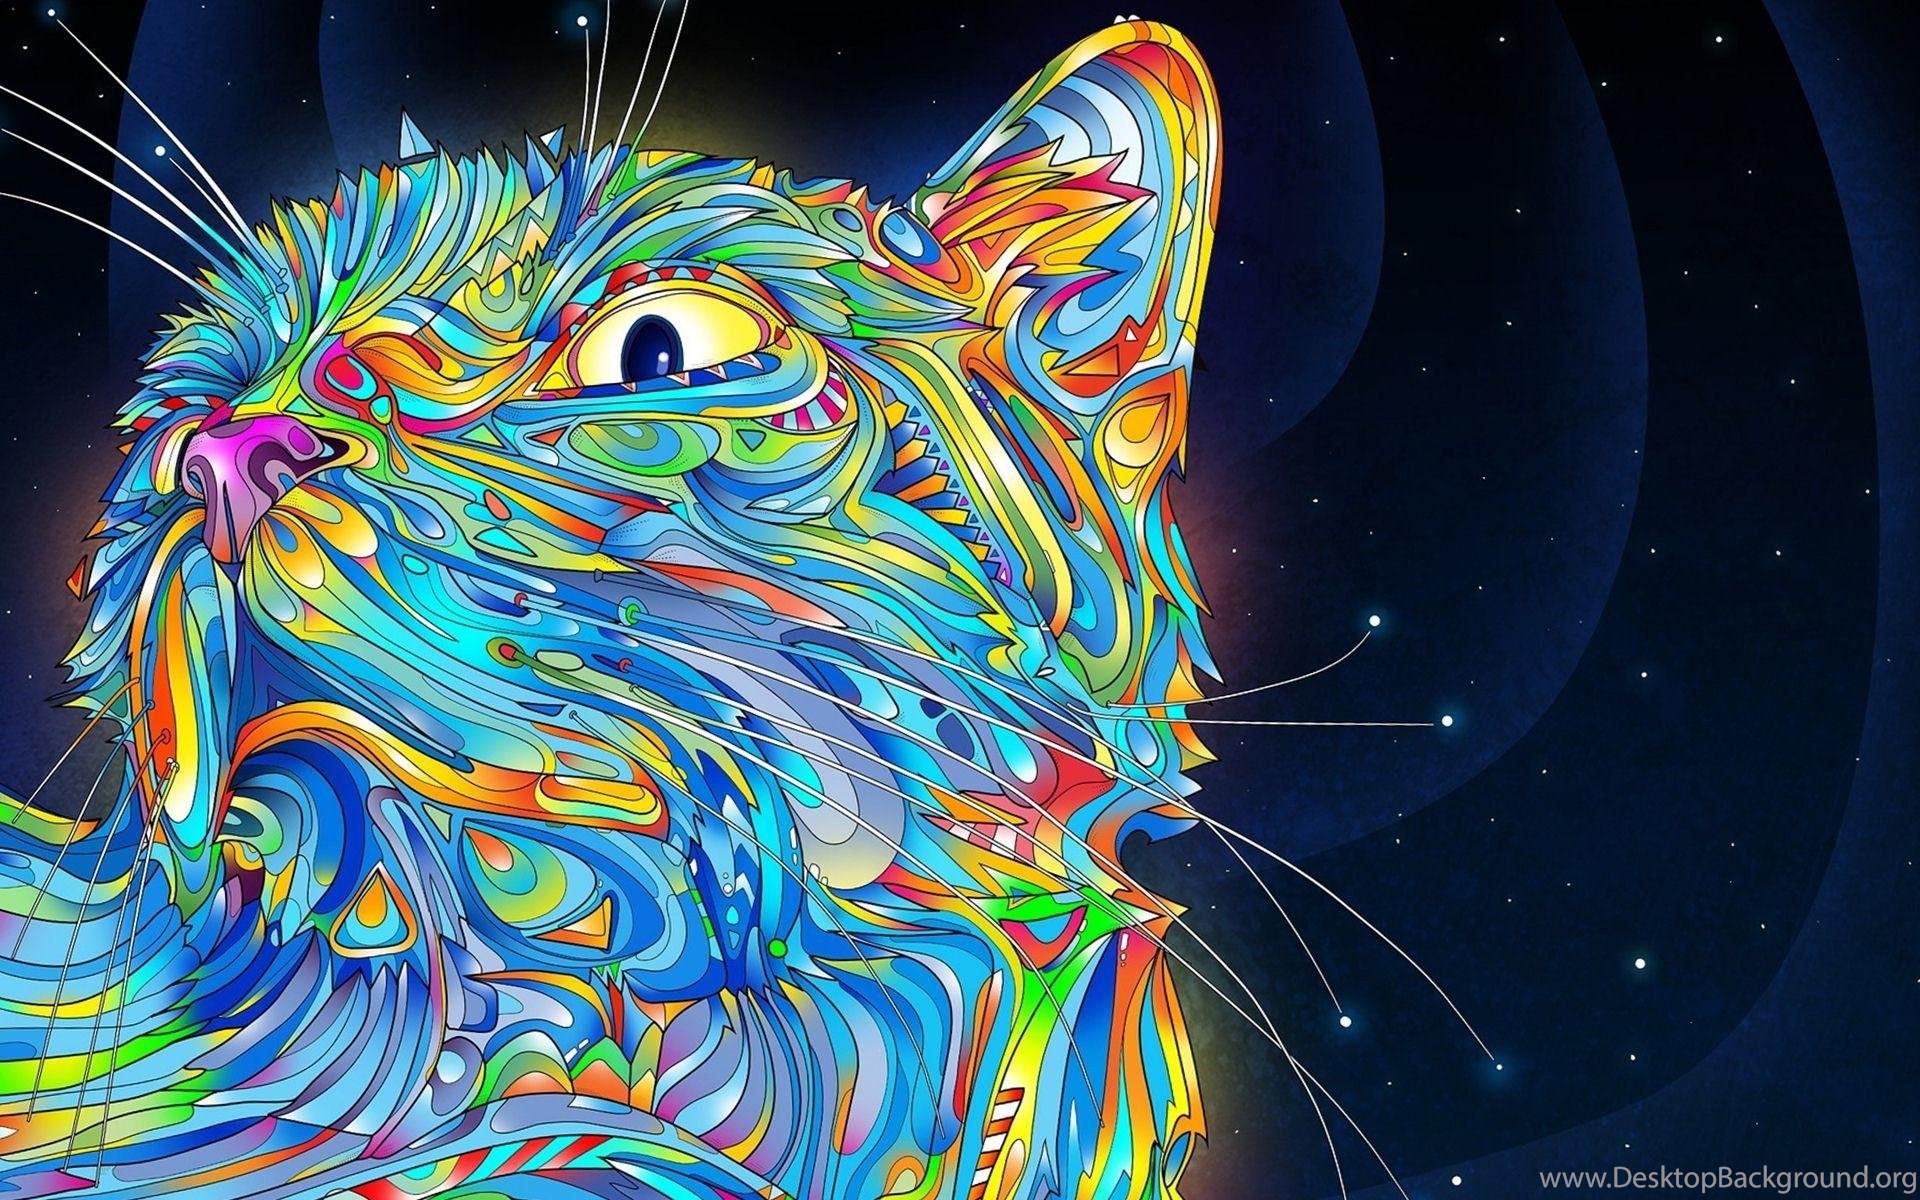 Cool Wallpaper High Quality Trippy - 236697_cat-trippy-creative-colorful-wallpapers-high-quality-wallpapers_1920x1200_h  Snapshot_796514.jpg